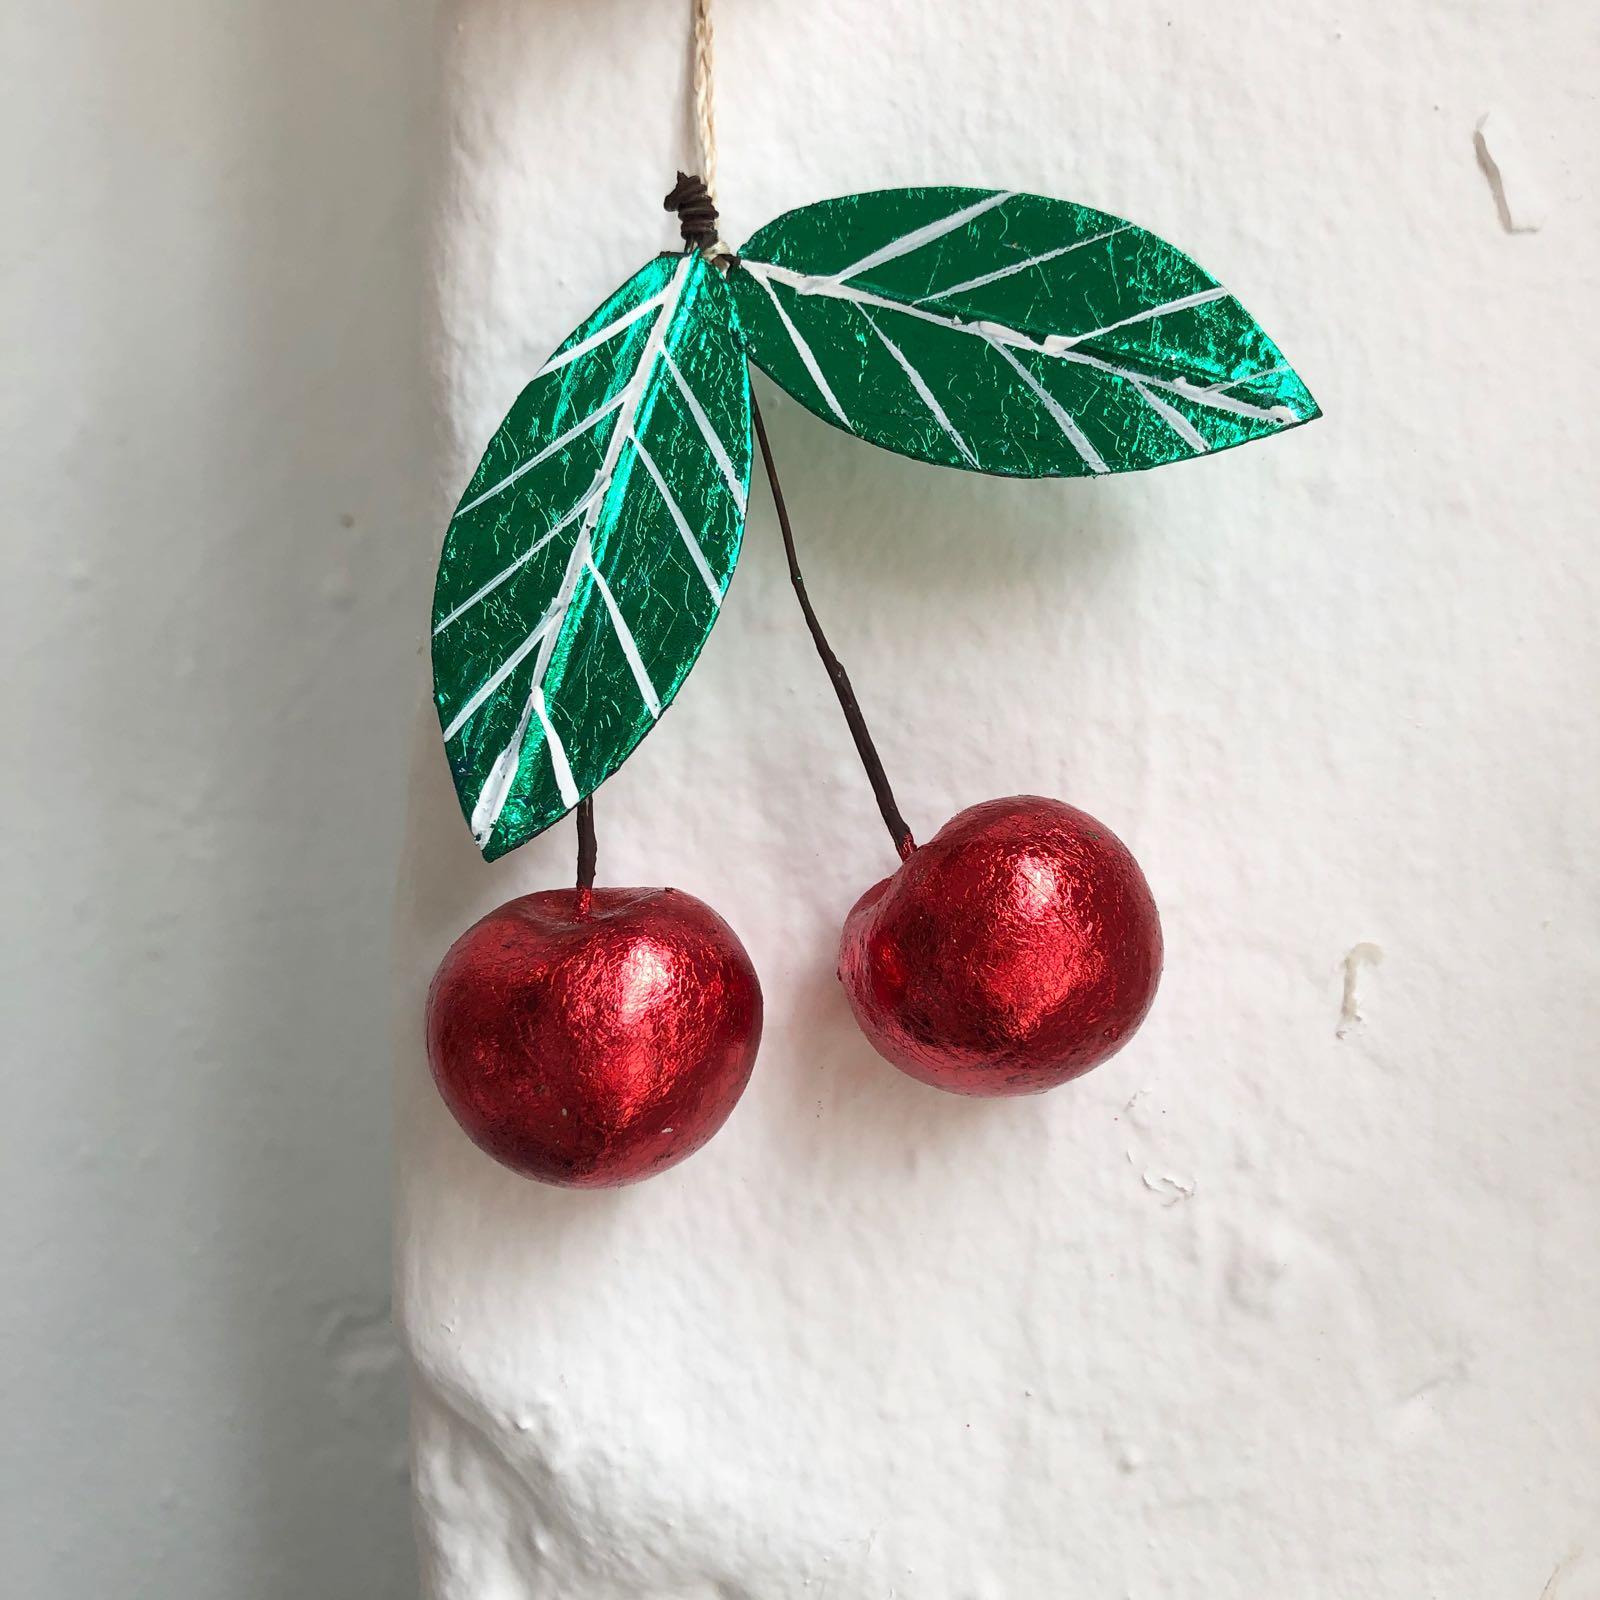 Ophæng / Kirsebær